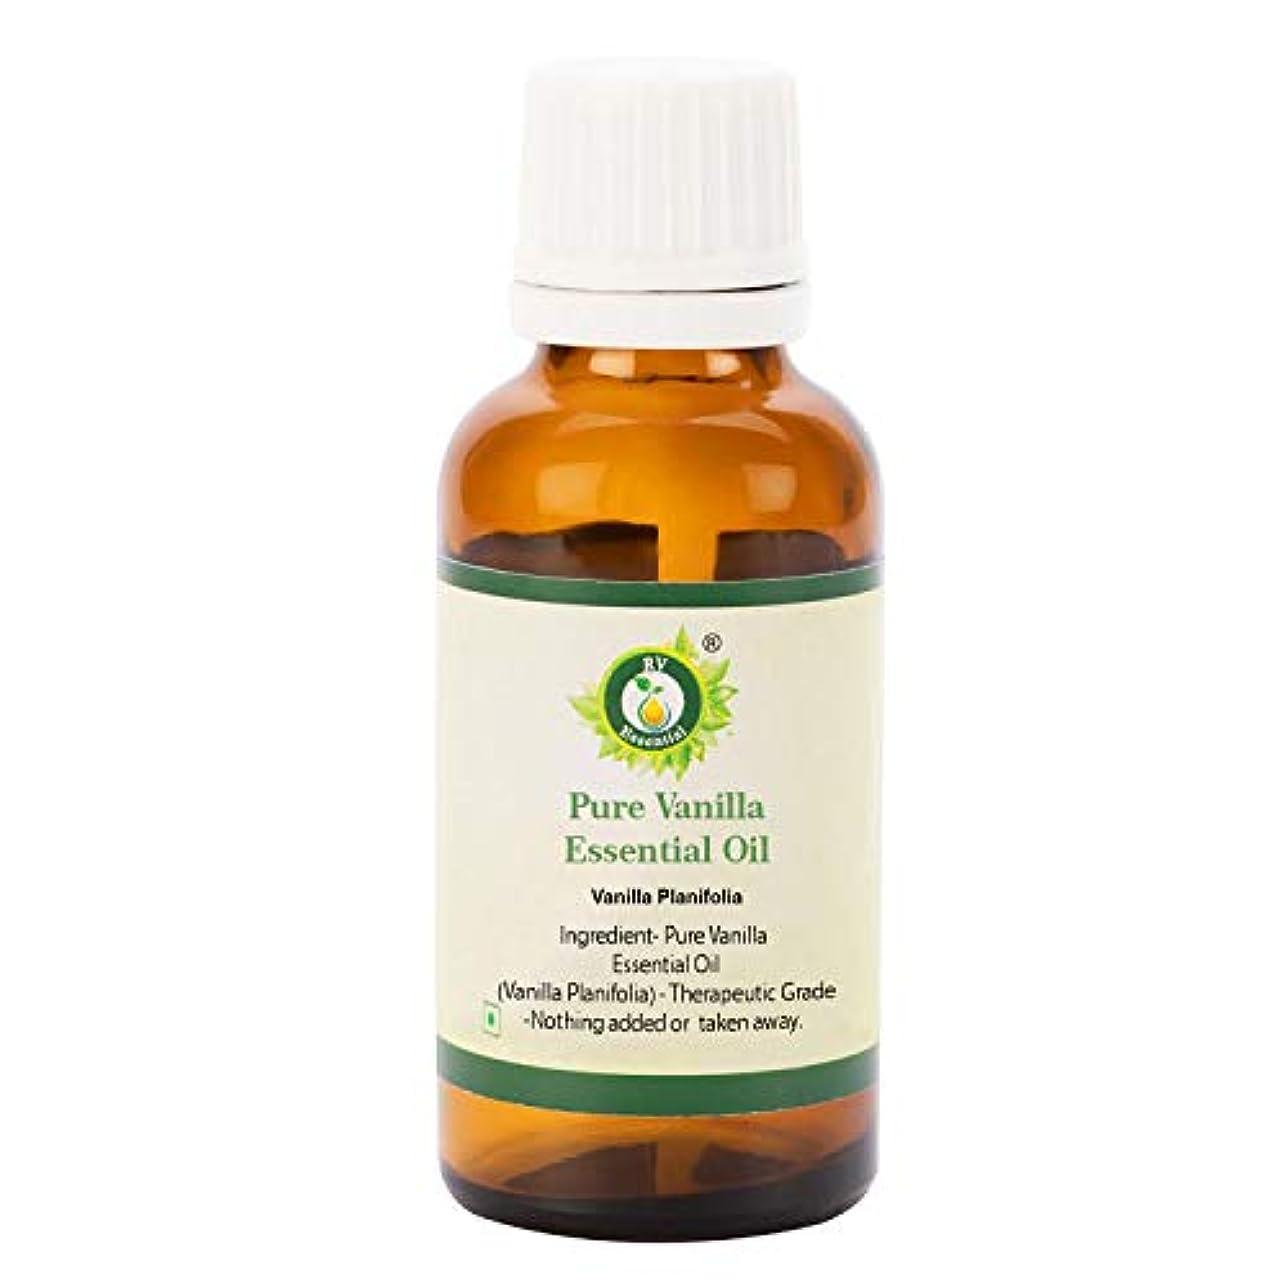 楽観かんたん著作権R V Essential ピュアバニラエッセンシャルオイル100ml (3.38oz)- Vanilla Planifolia (100%純粋&天然) Pure Vanilla Essential Oil